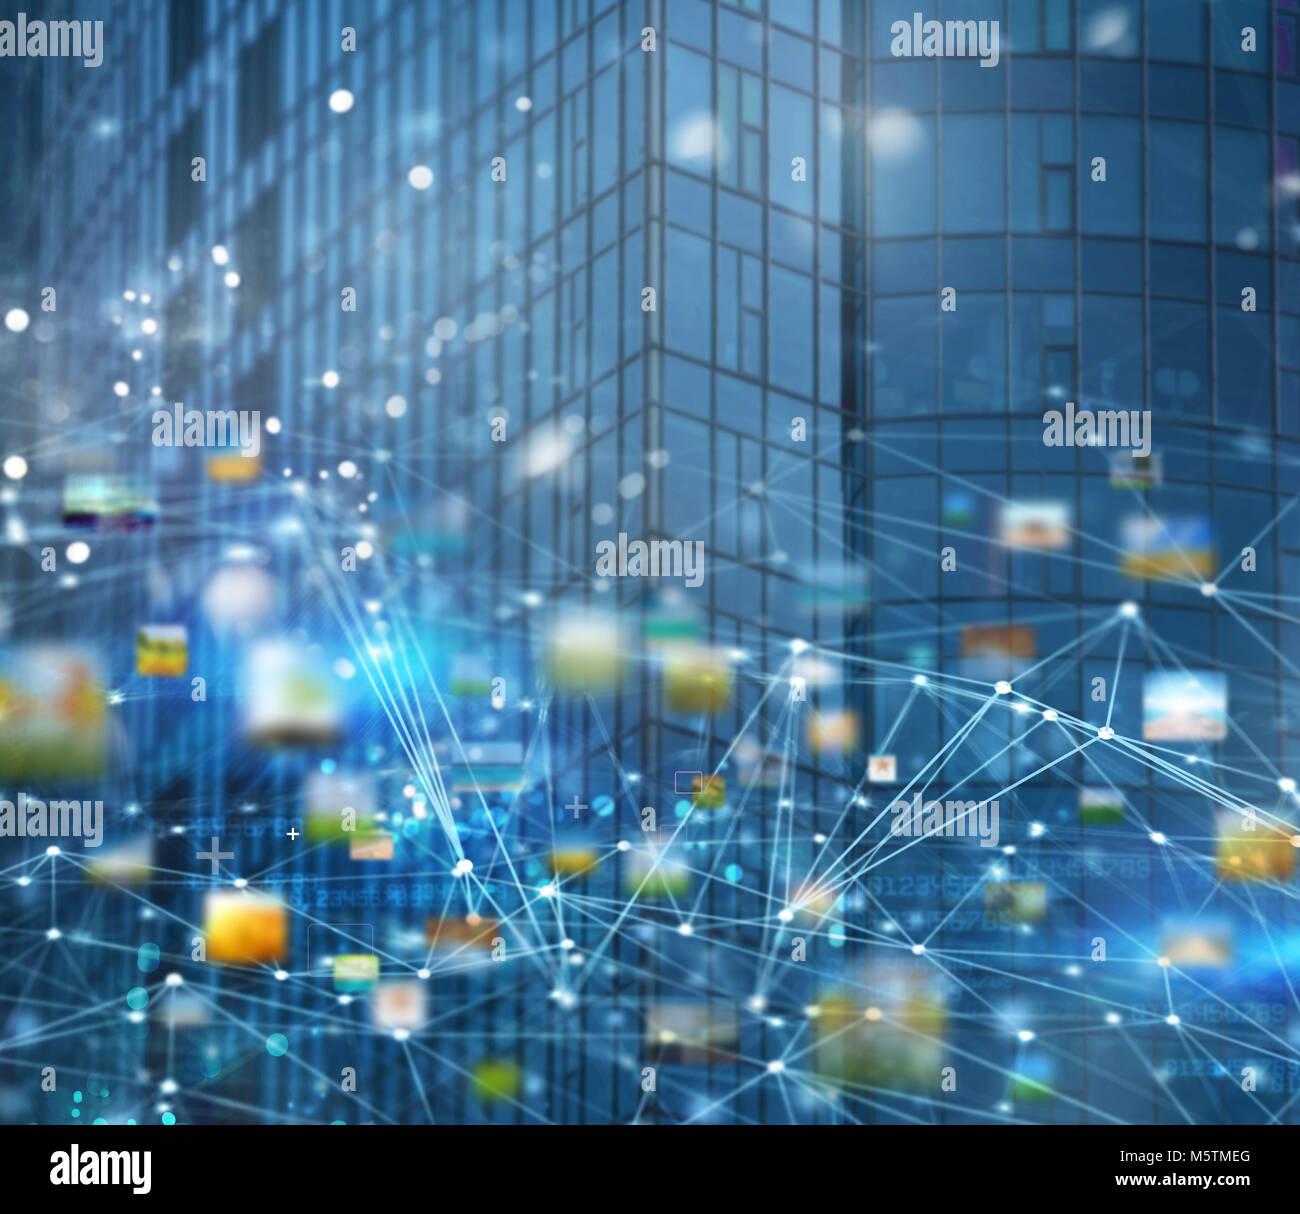 Resumen de red de conexión a internet de fondo con efectos de movimiento Imagen De Stock